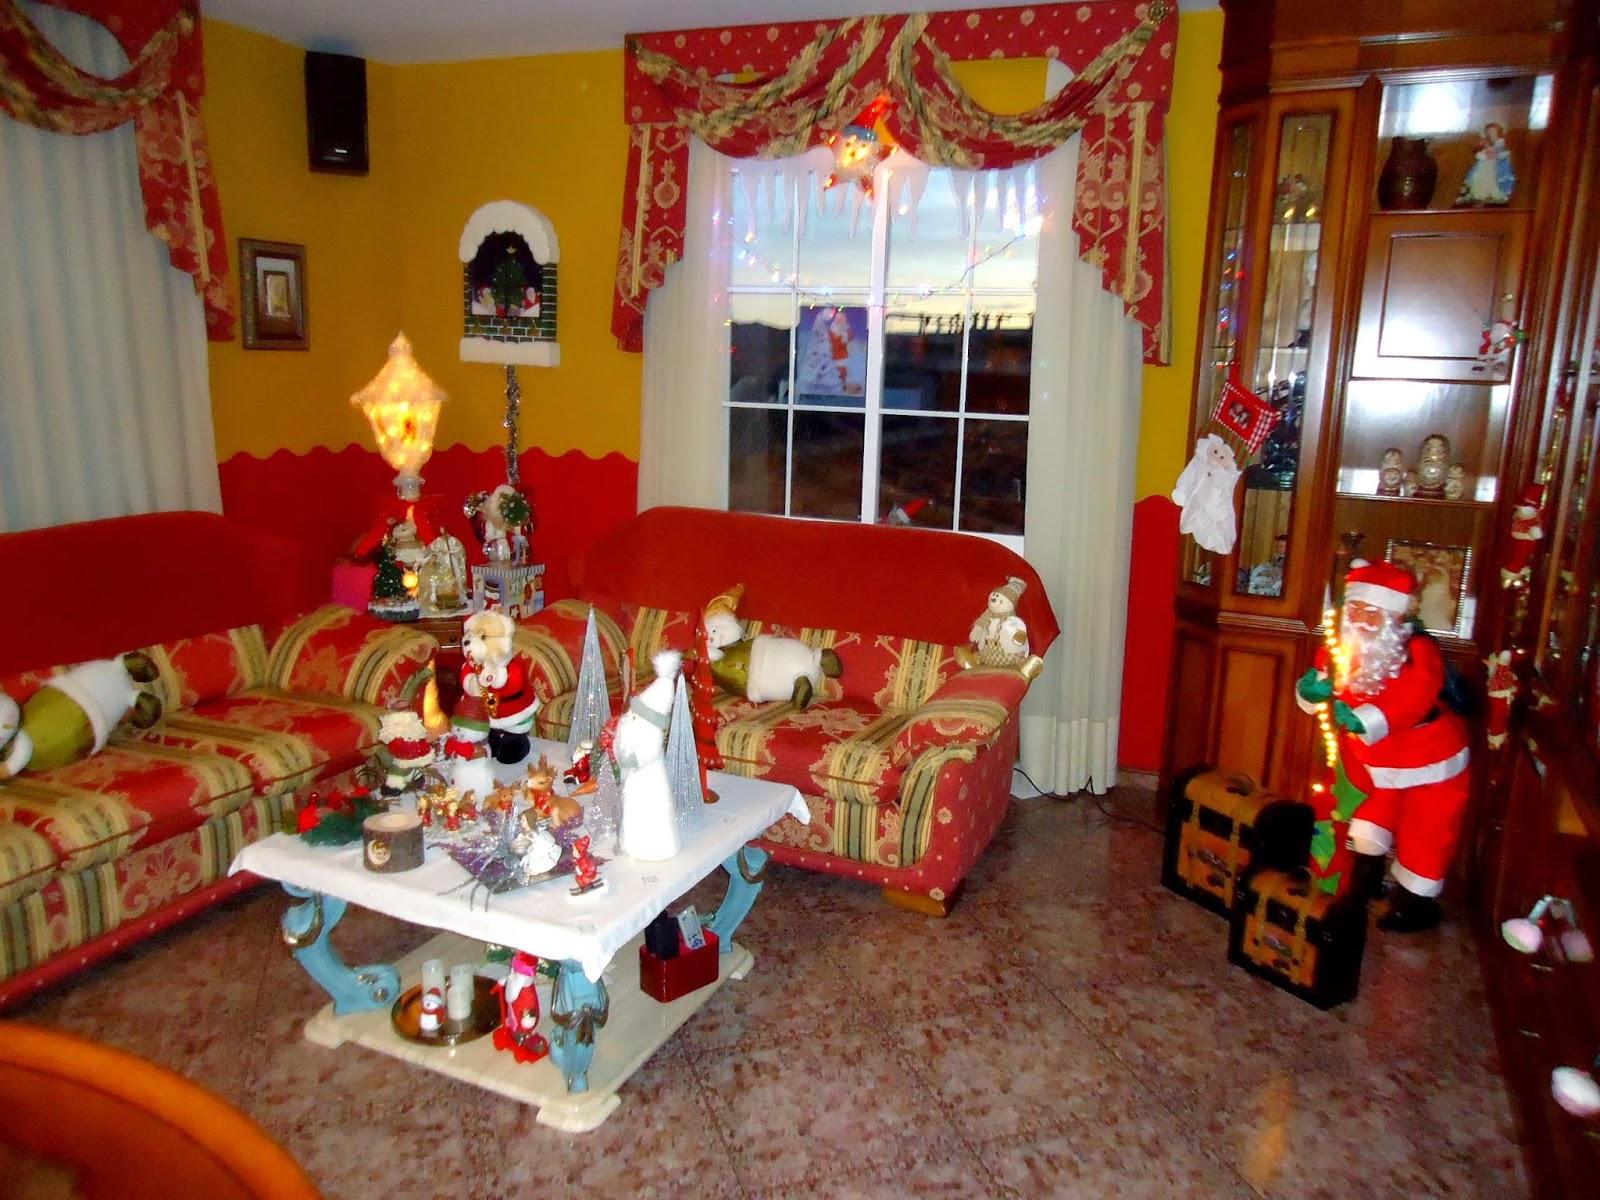 Centro de estudios borjanos decoraci n navide a en una - Decoracion navidena casas ...